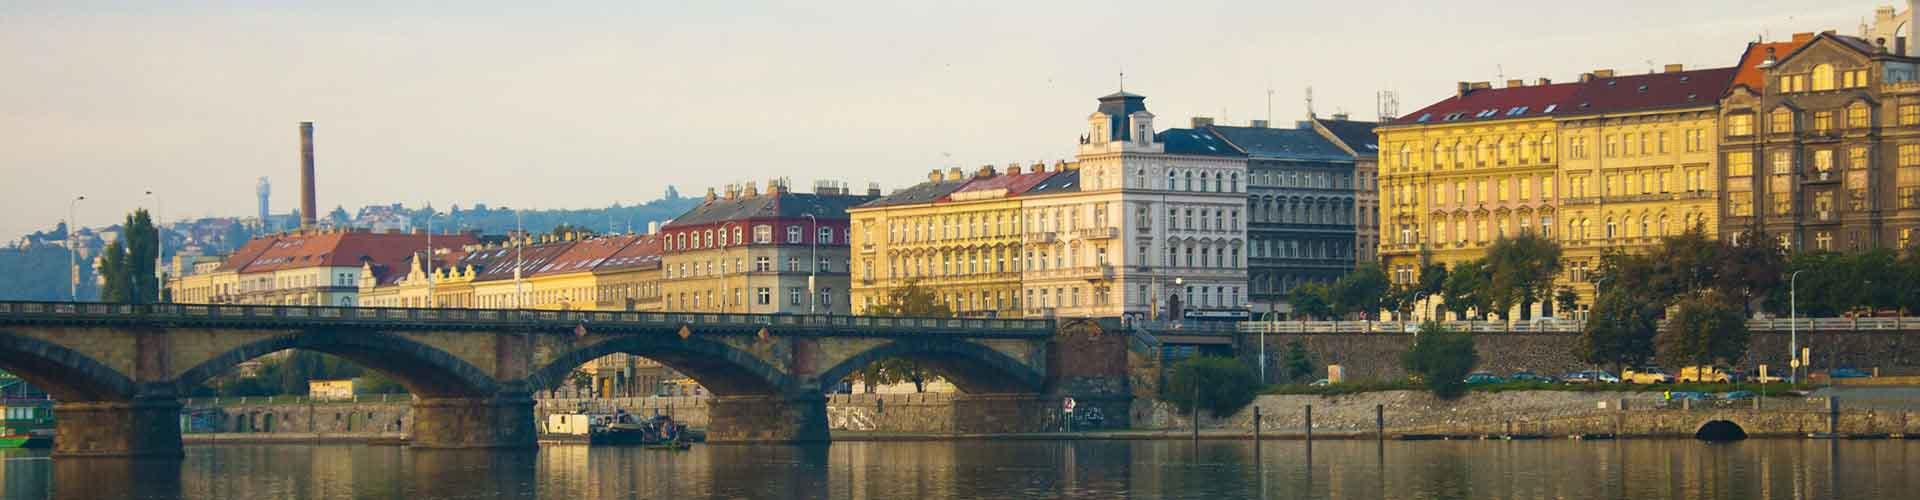 布拉格 – Prague 2区的青年旅馆。布拉格 地图,布拉格 每间青年旅馆的照片和评分。